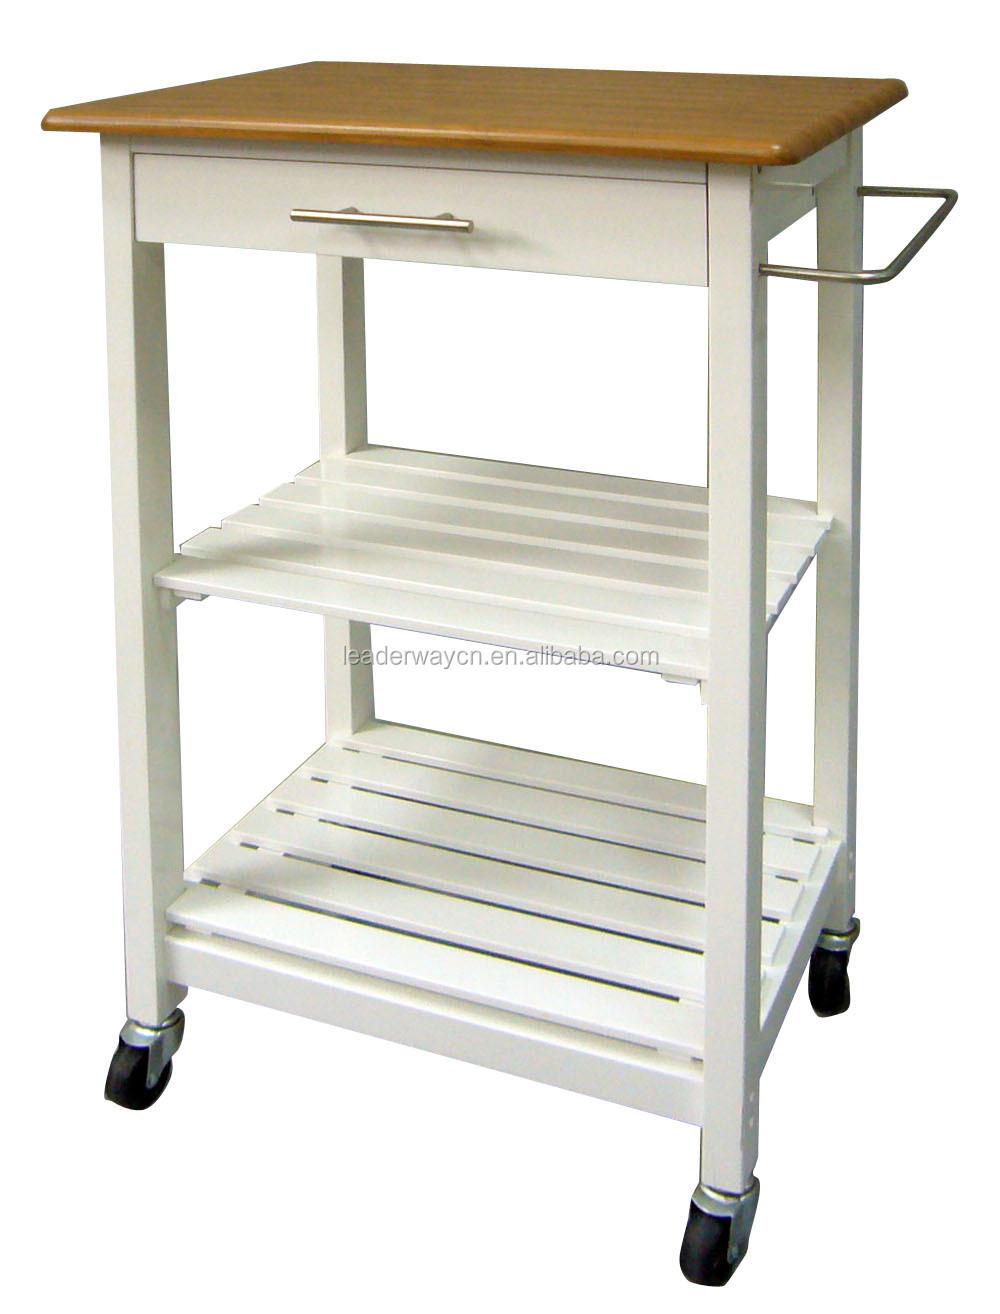 2015 goedkope houten keuken trolley met manden prijzen ...